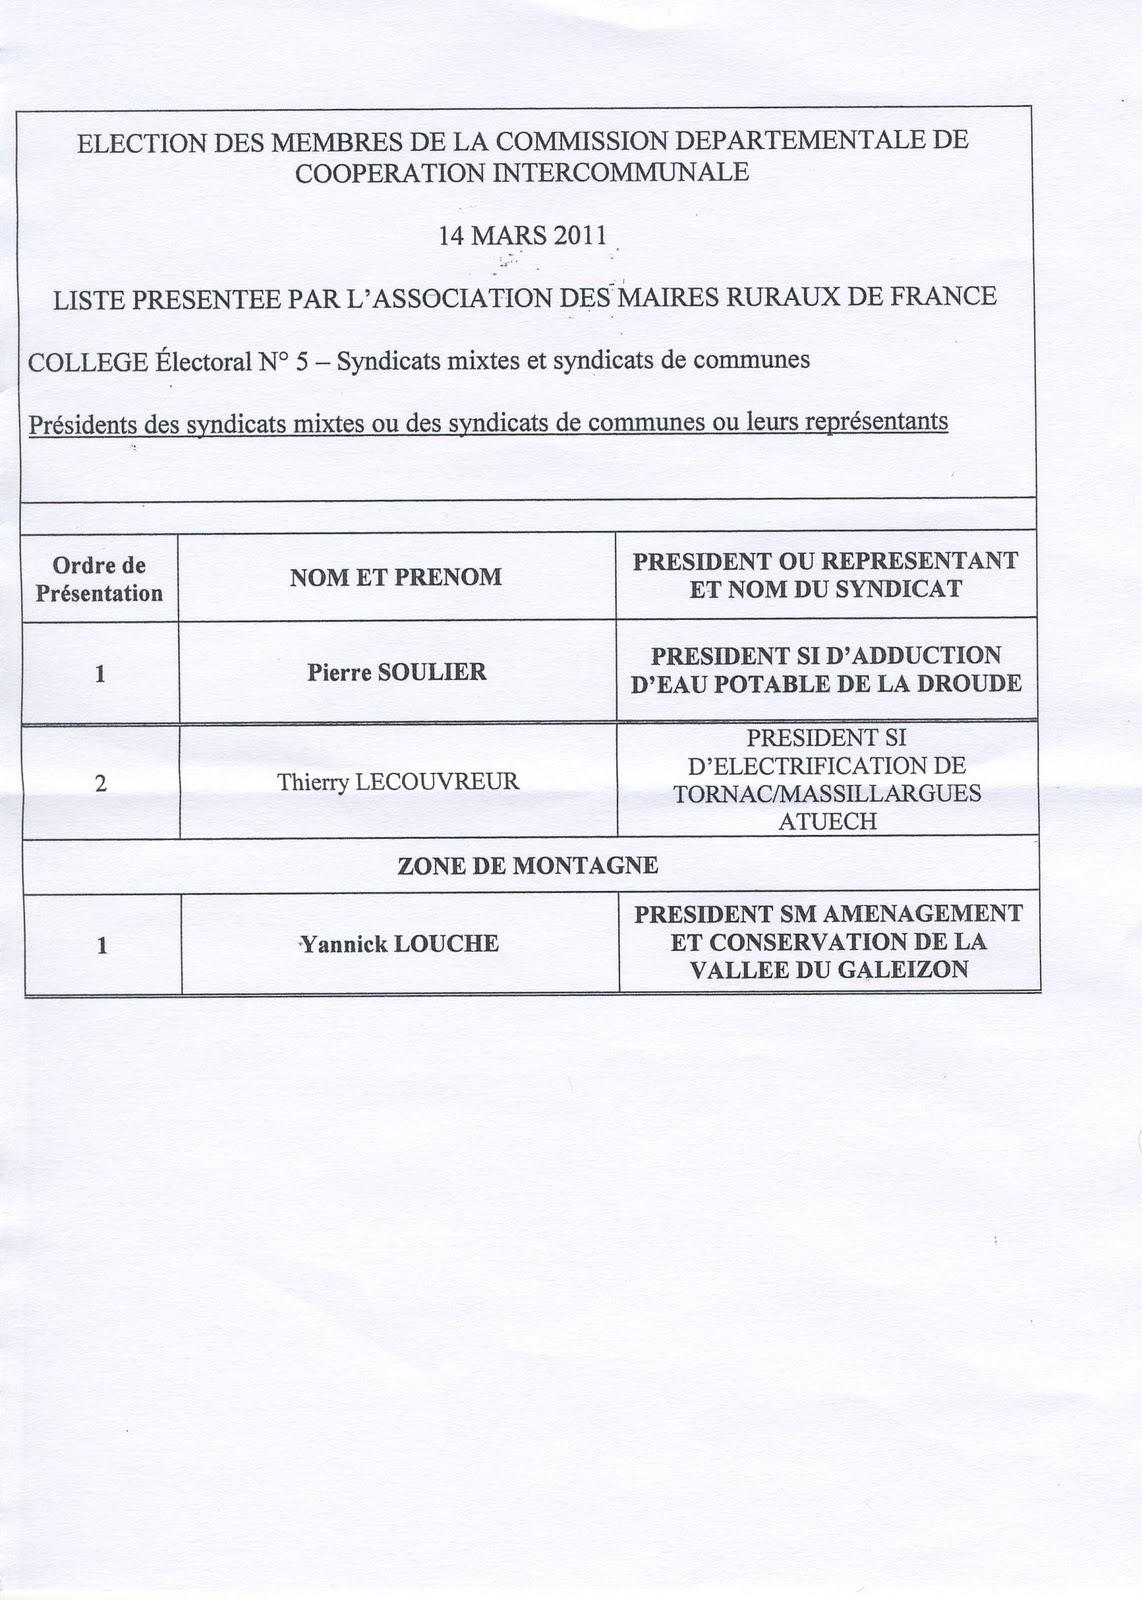 Le reboussier election cdci listes pous lesquelles vos maires vont voter college 1 et 5 - Assesseur titulaire bureau de vote ...